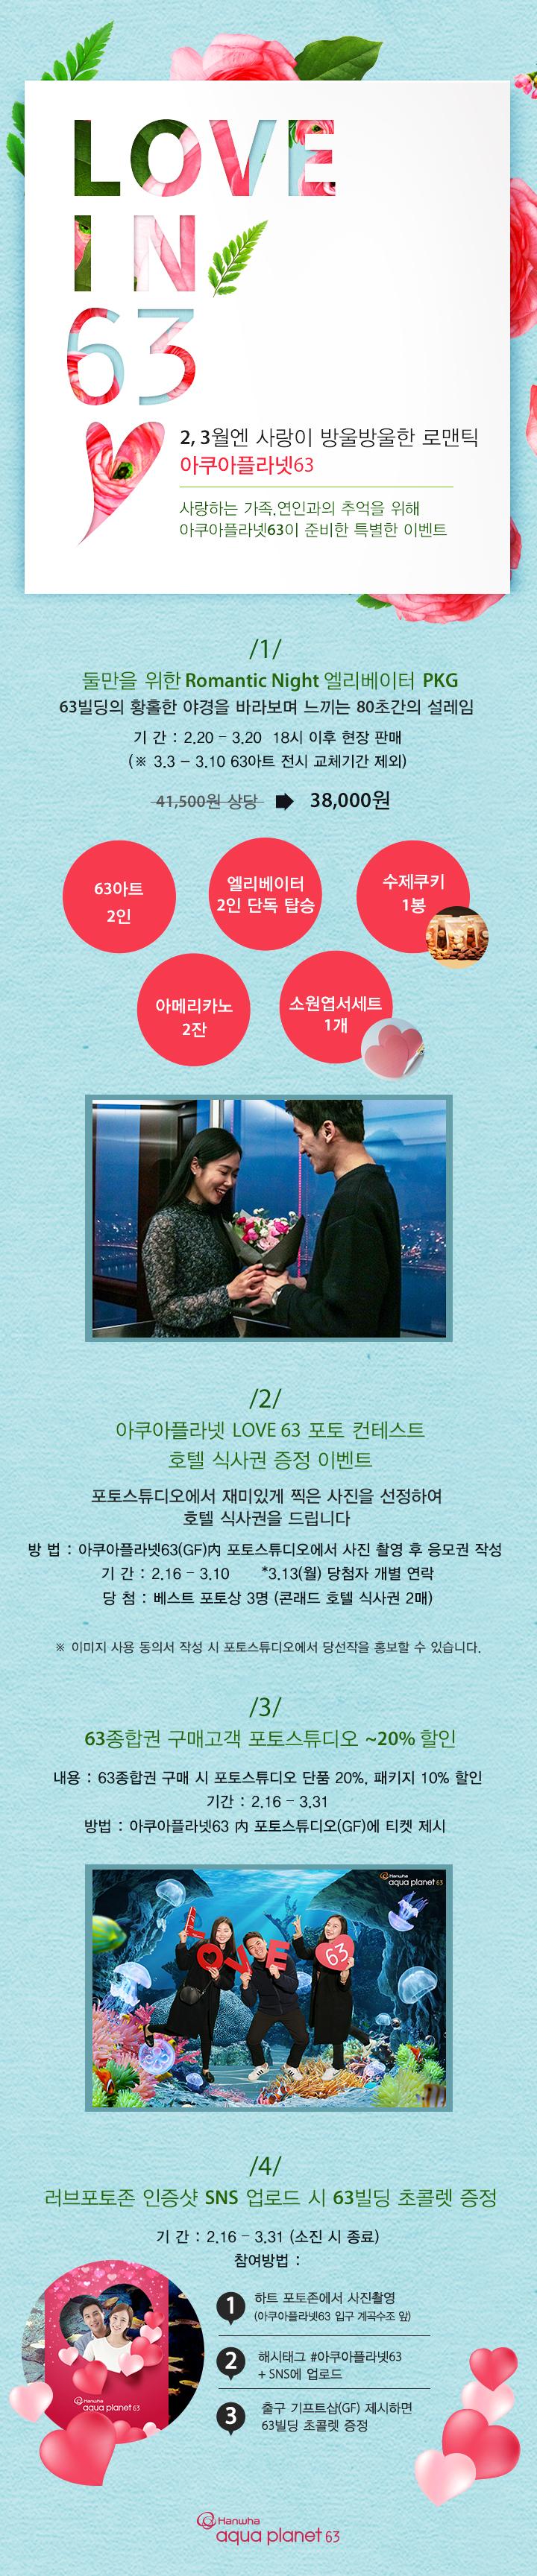 2, 3월엔 사랑이 방울방울한 로맨틱 아쿠아플라넷63